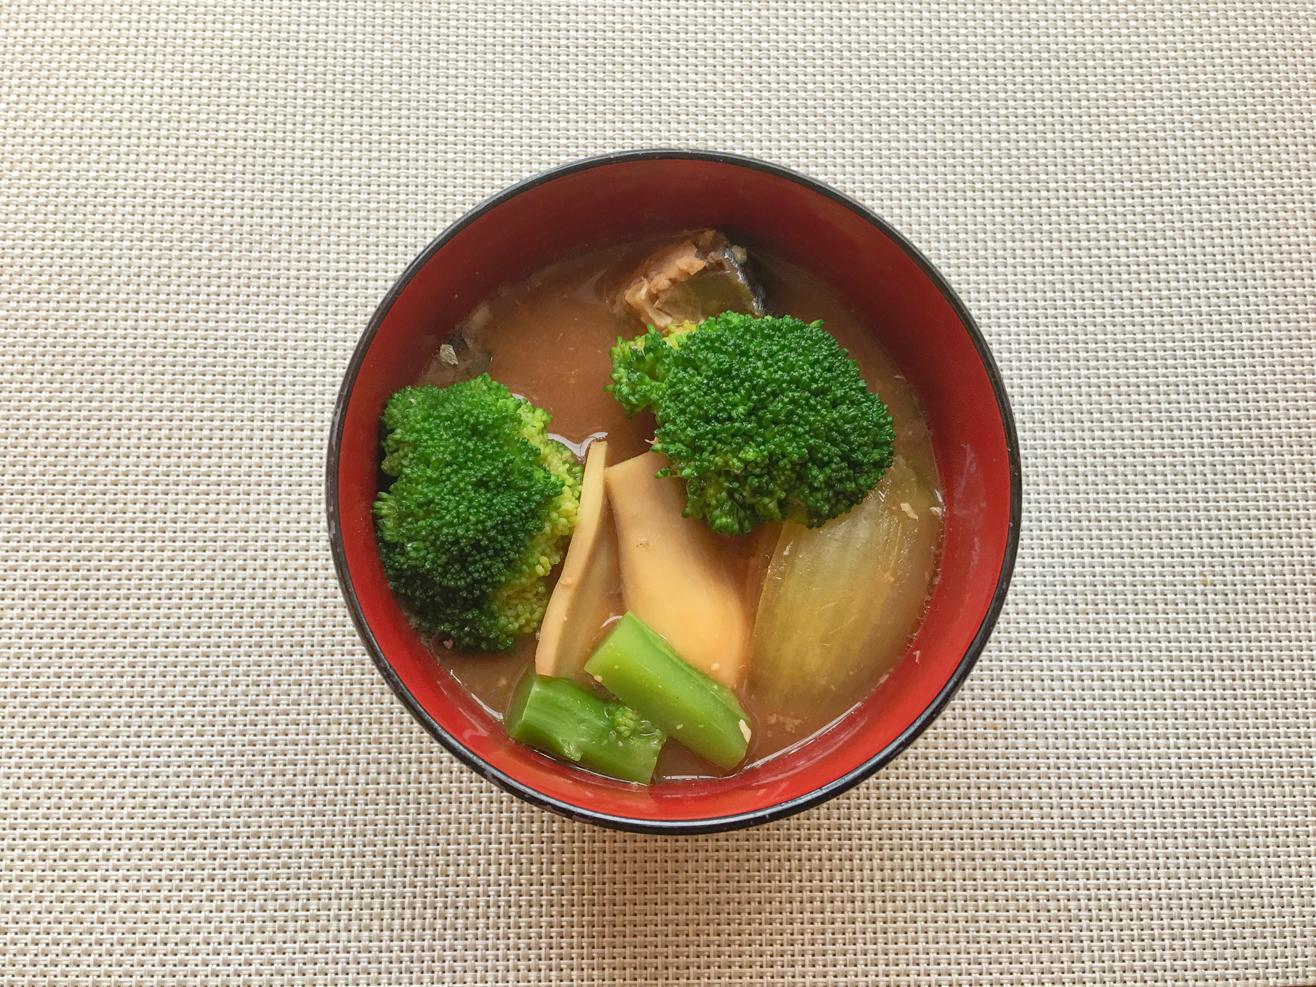 ブロッコリーの鯖缶味噌汁の写真